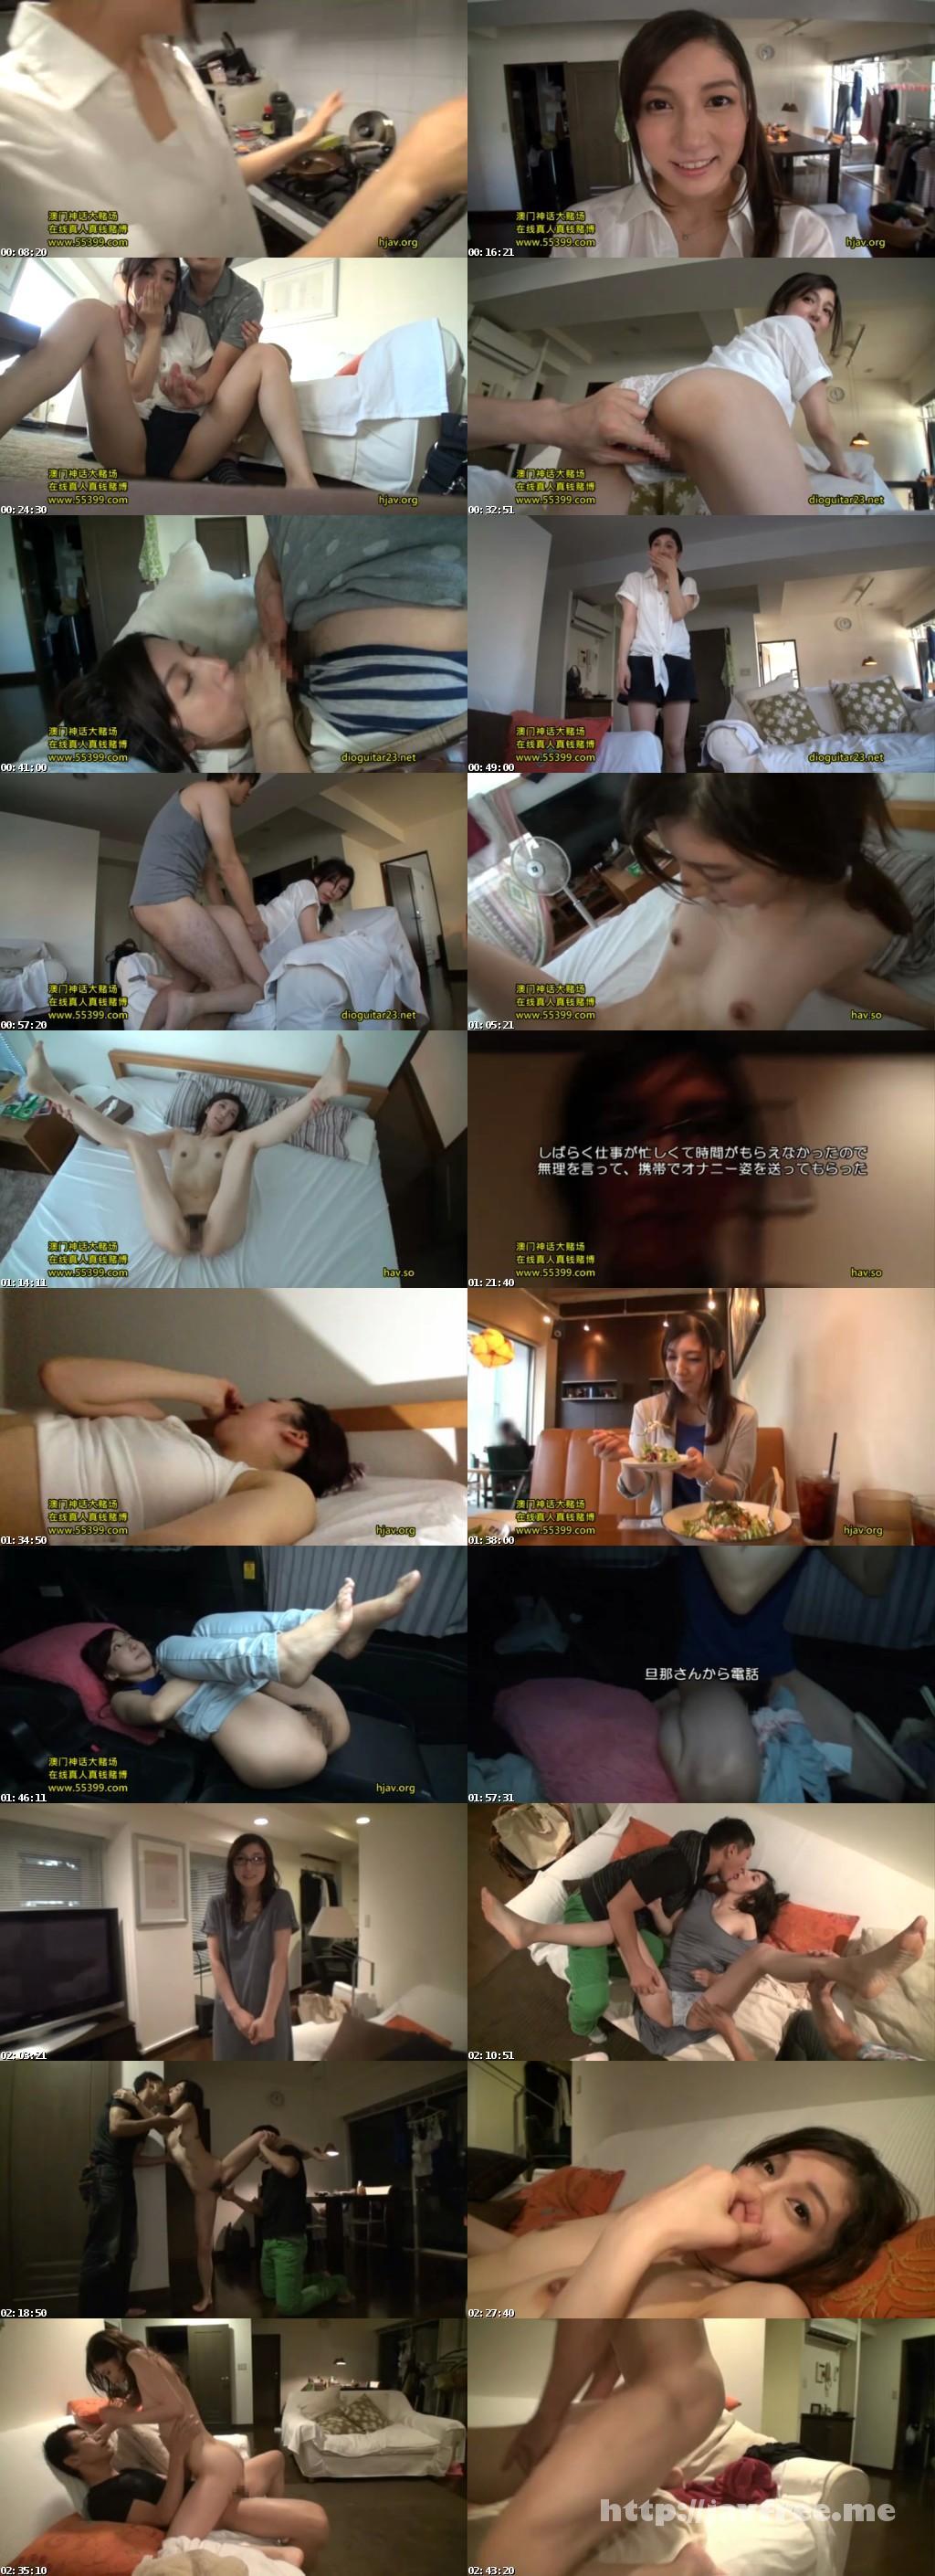 [SDNM 015] こんなにも清楚で綺麗で奥ゆかしい女性をAVで見た事がありますか? 長谷川栞 34歳 第3章 ドキドキが女性器をグッショリ濡らす 旦那にバレないように自宅で、緊張感が快感に変わるSEX・SEX・SEX SDNM